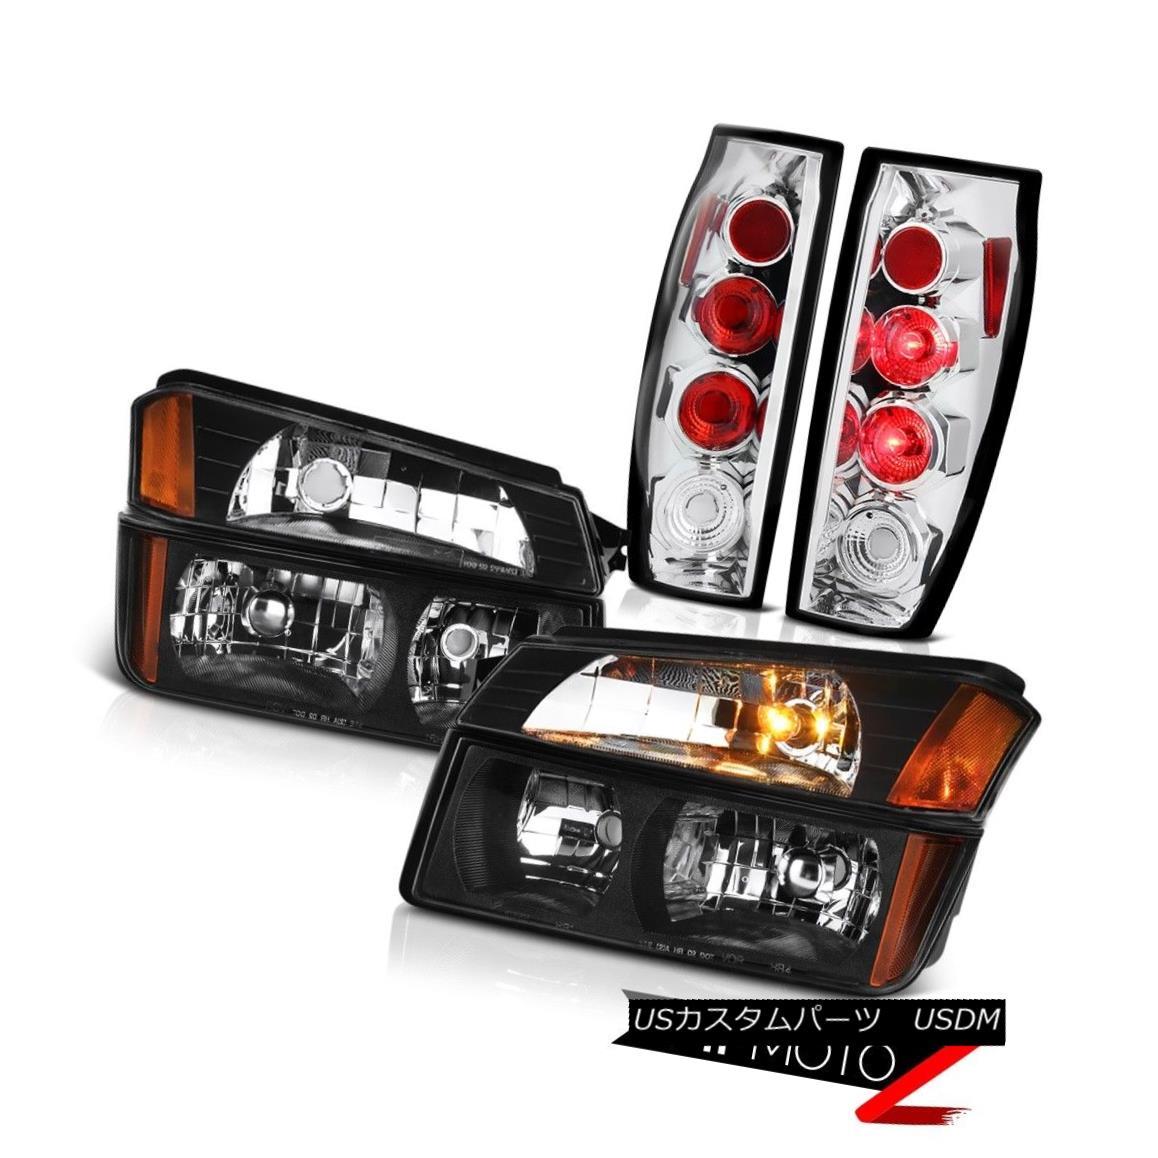 ヘッドライト 2002-2006 Chevrolet Avalanche Chrome Rear Brake Lamp Corner Bumper Headlights 2002-2006シボレーアバランチェクロームリアブレーキランプコーナーバンパーヘッドライト